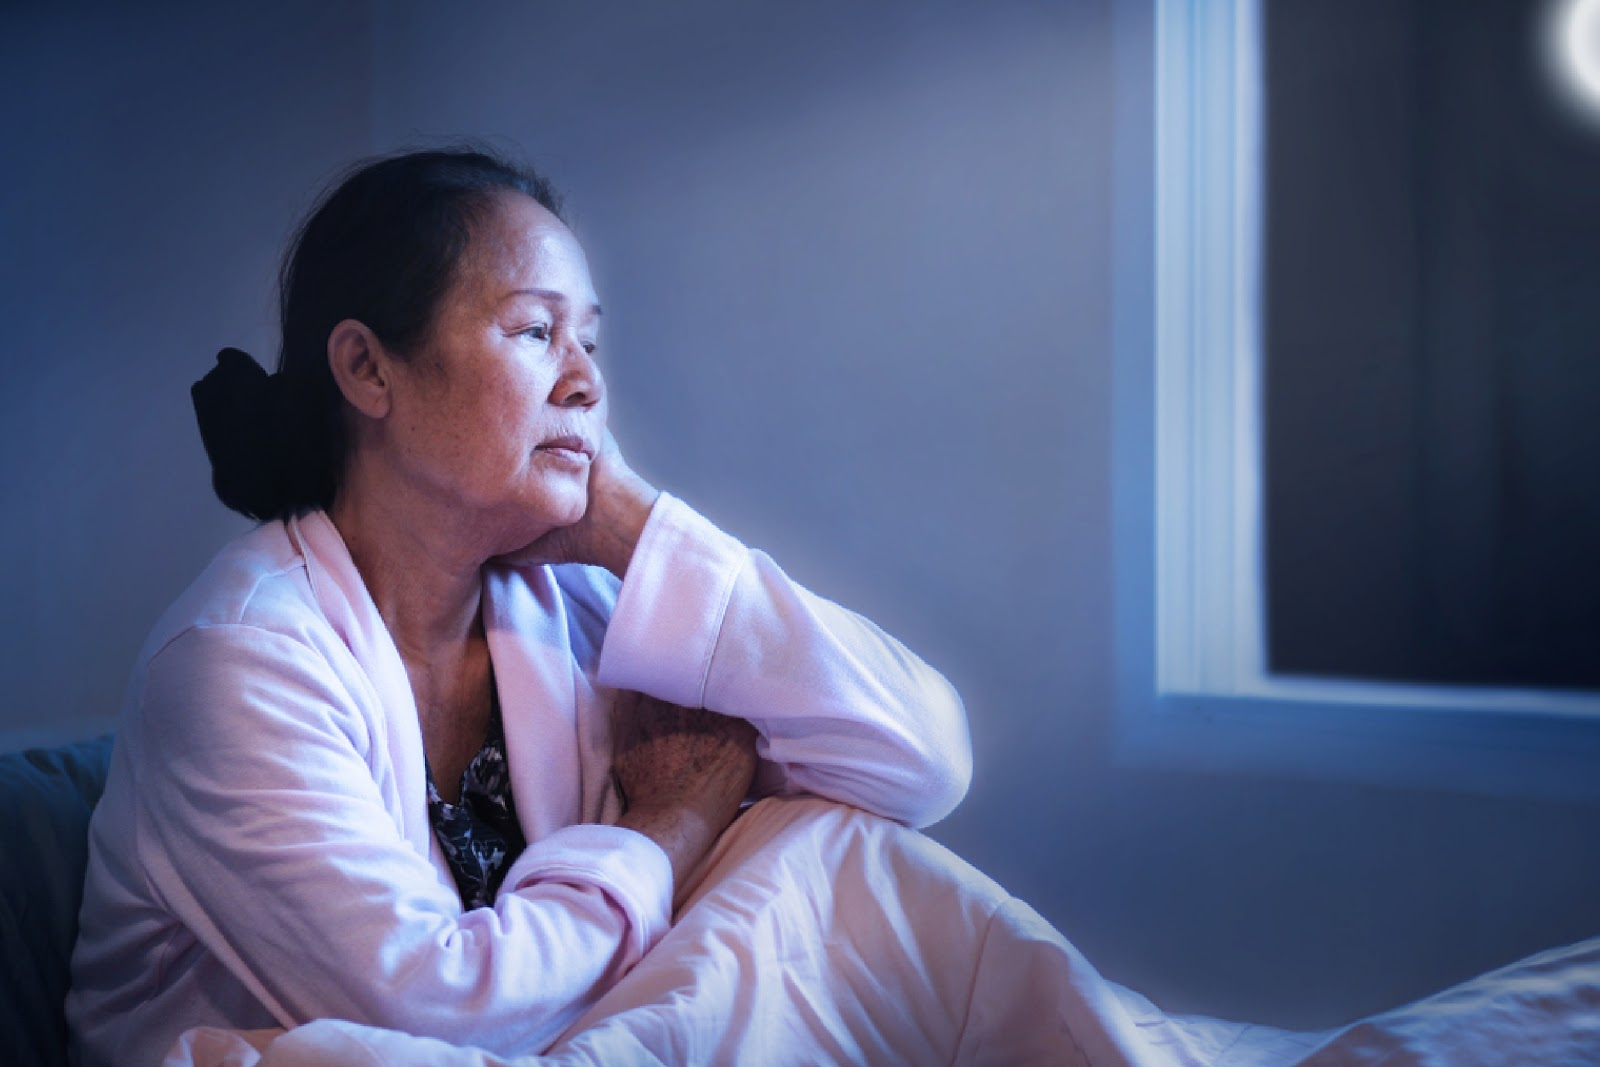 suy giảm trí nhớ luôn là nổi la của người lớn tuổi